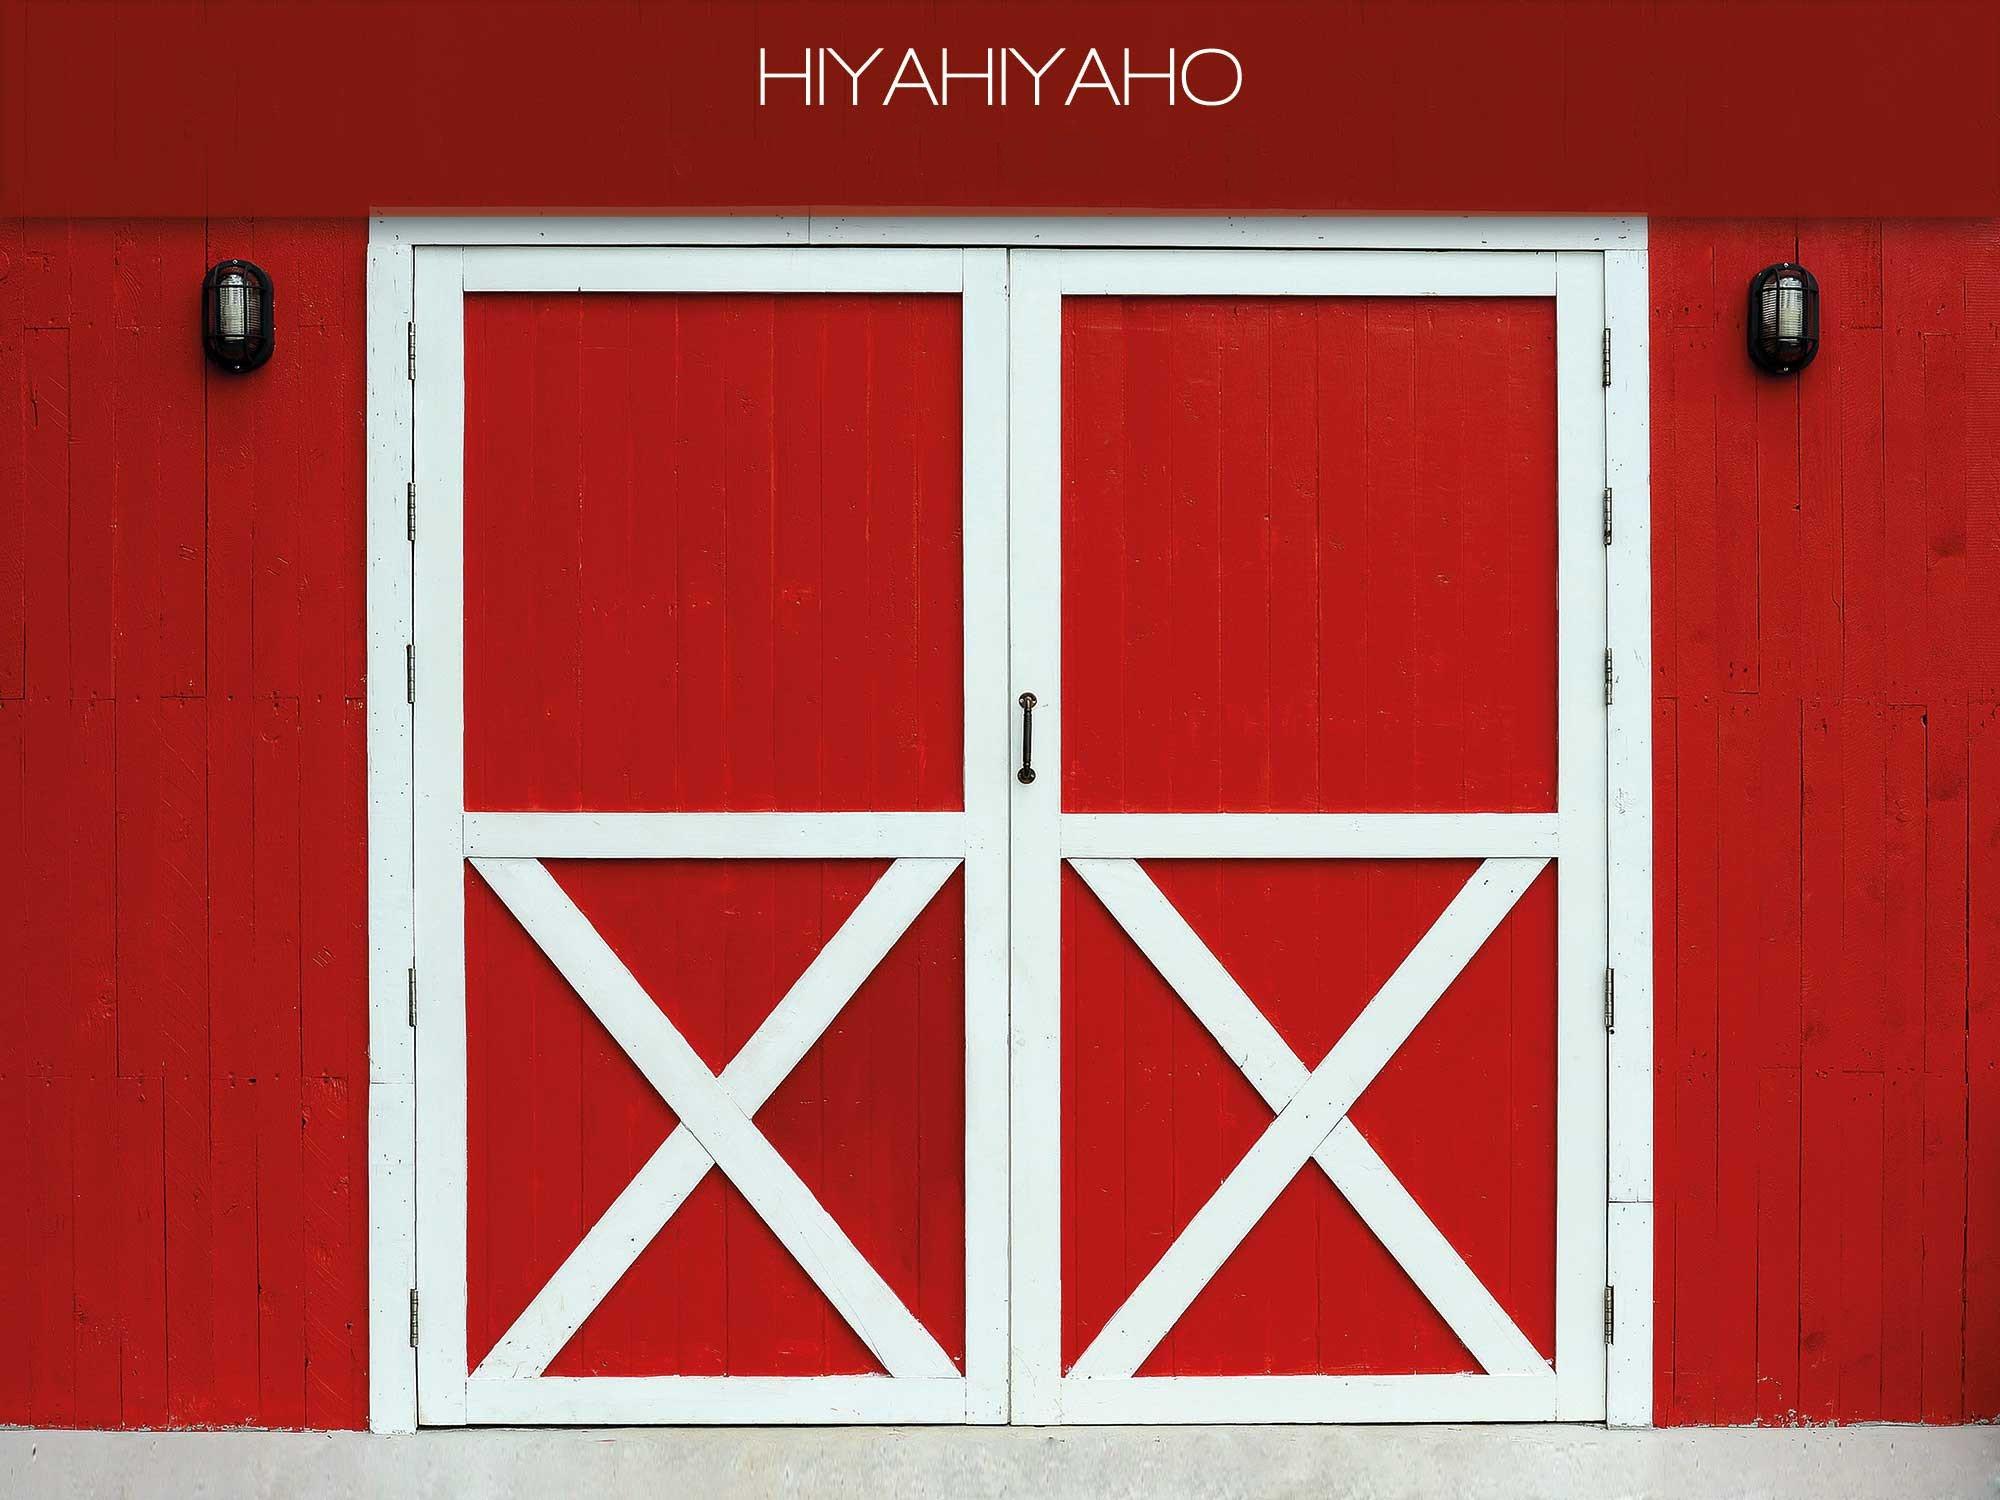 21 Hyahiyaho